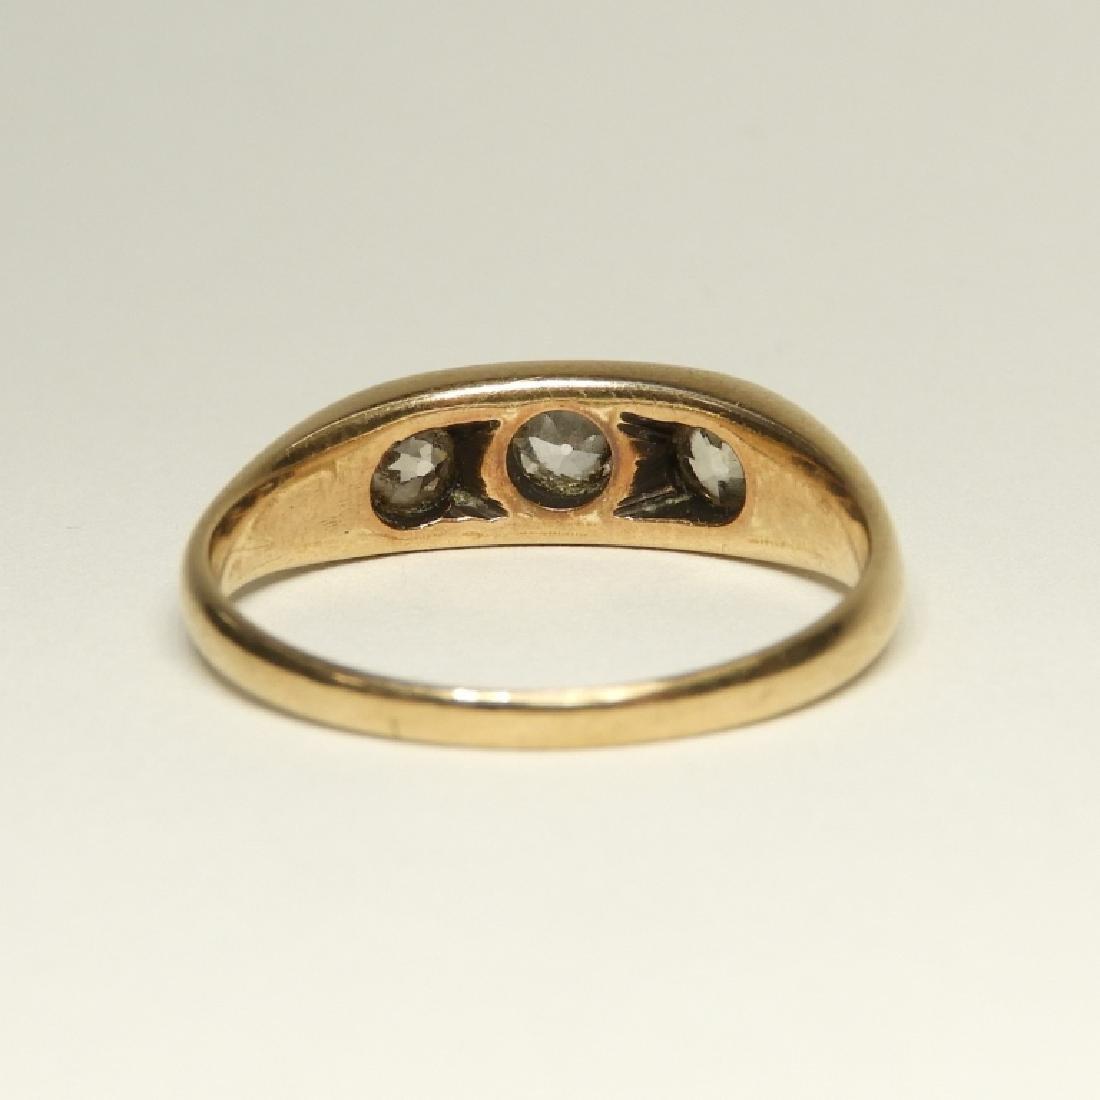 Modernist Design 14K Gold Diamond Ring - 5